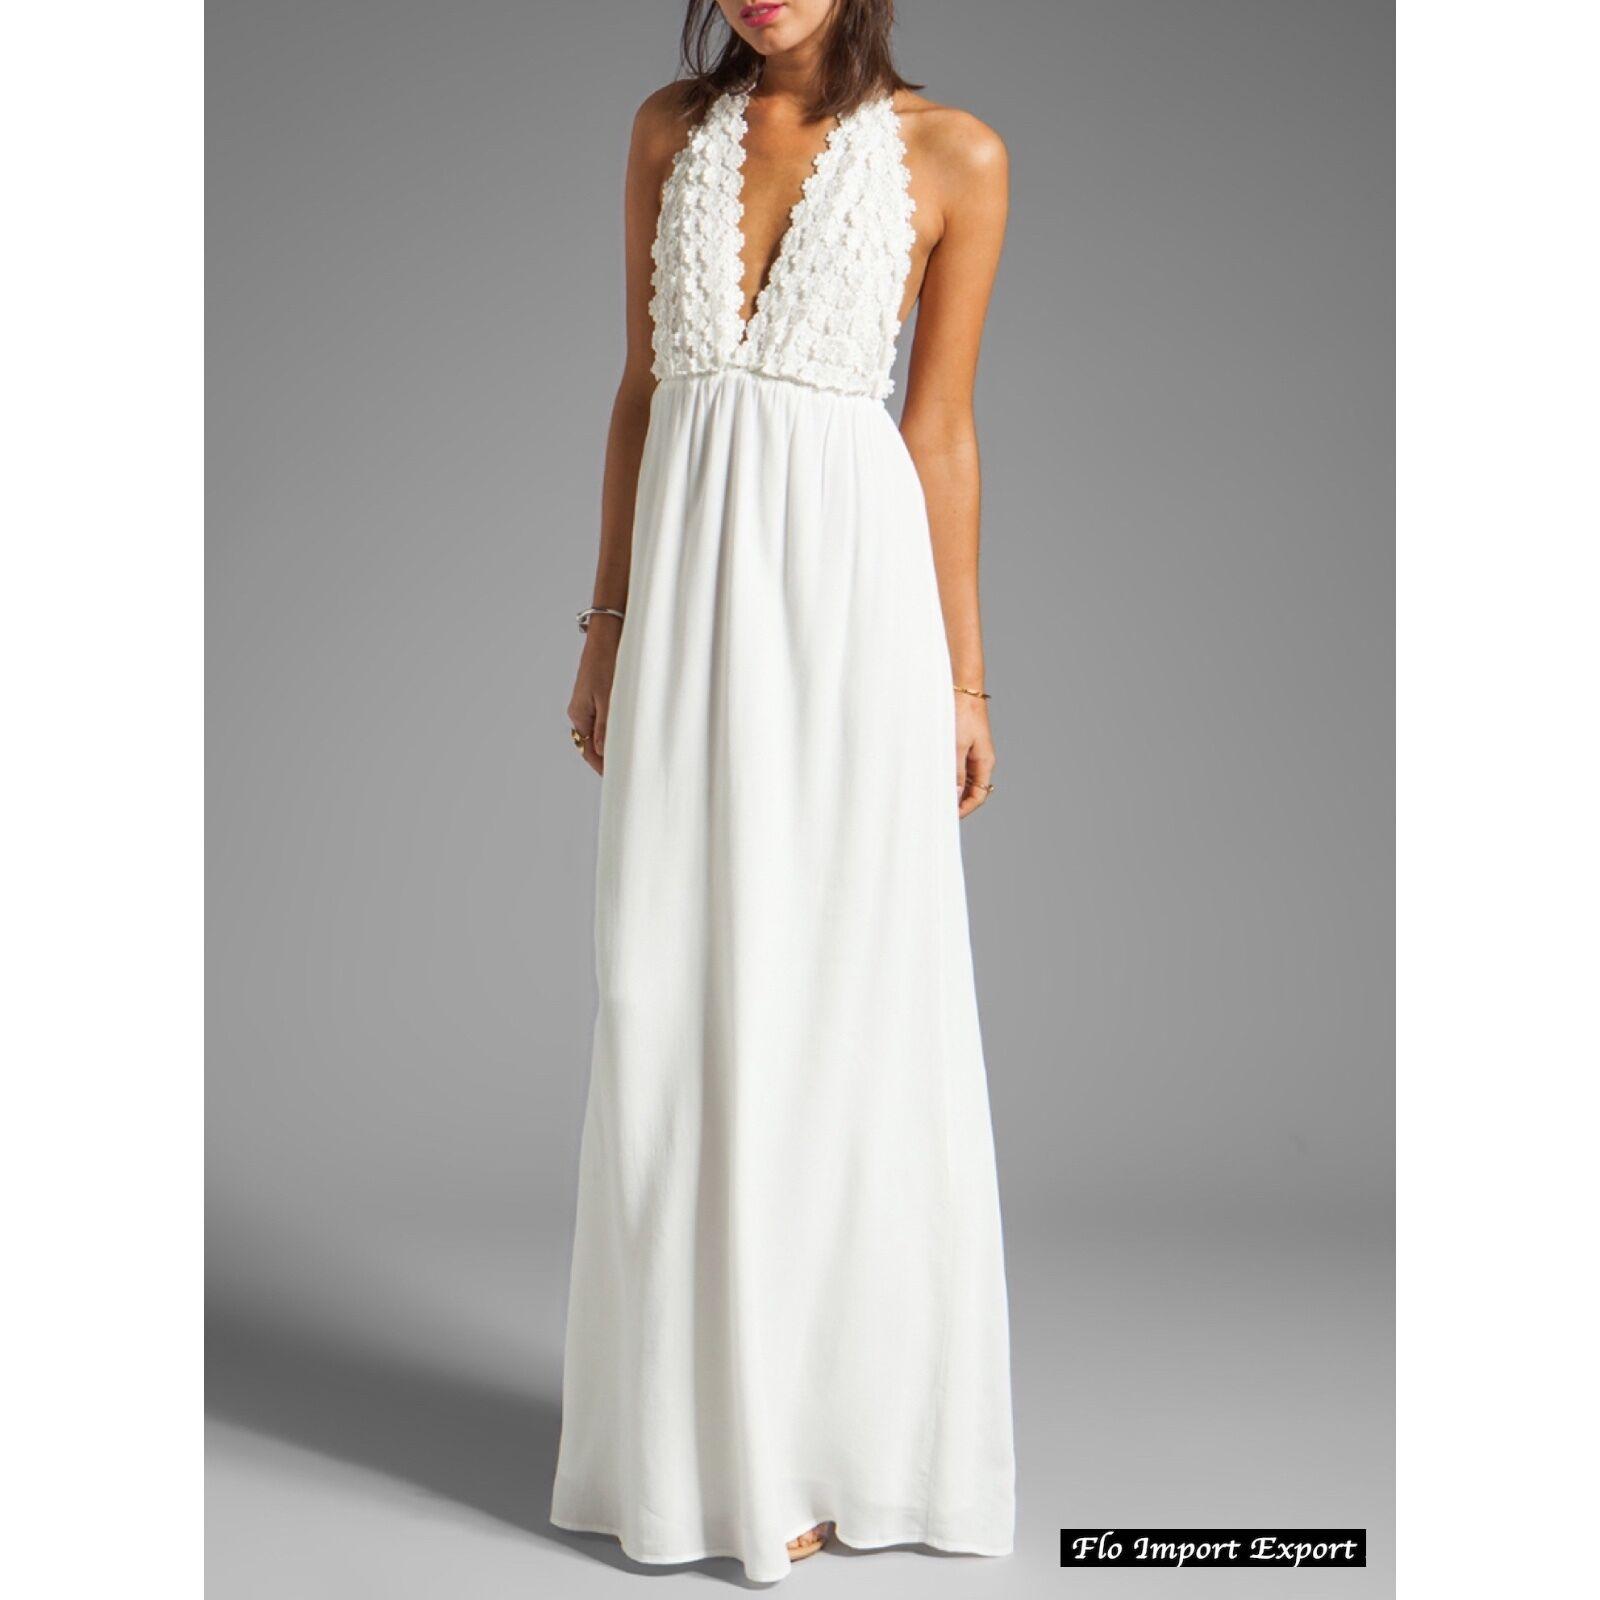 f6898c1607866 https   www.ebay.it itm Vestito-Lungo-Copricostume-Bianco-Donna-Woman -Cover-Up-Maxi-Dress-110293- 222571740156